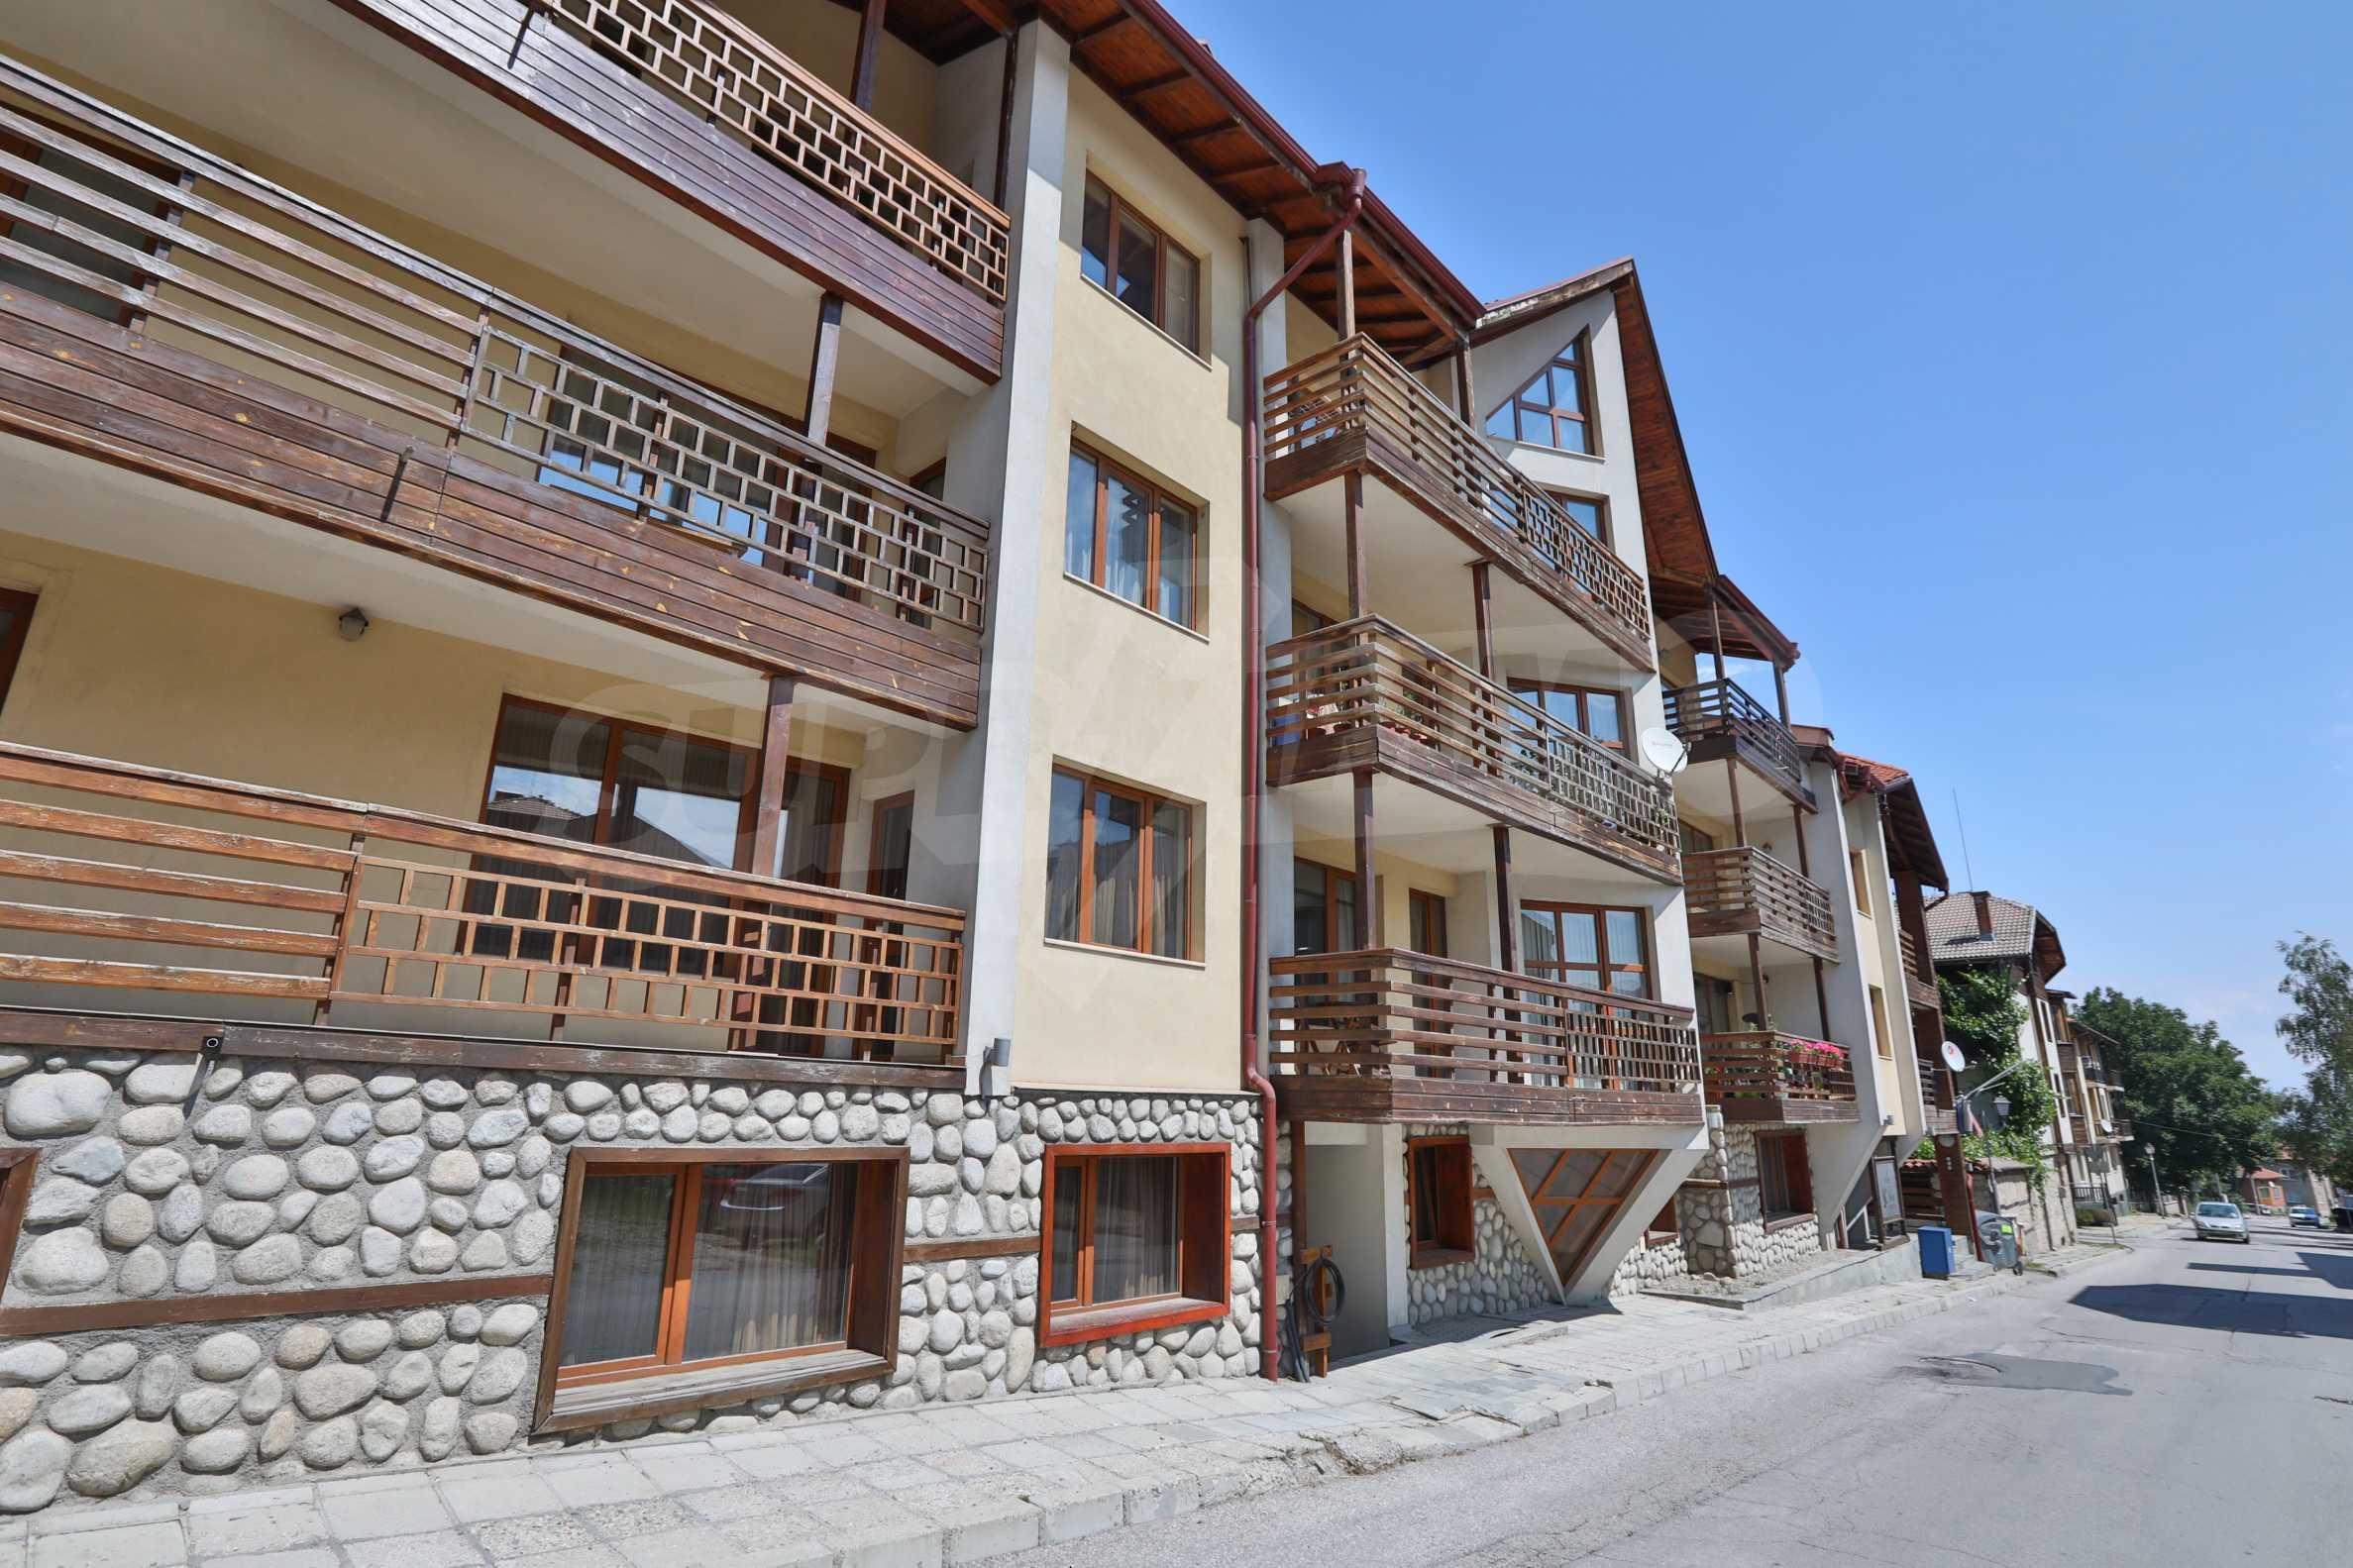 Едноспален апартамент намиращ се в един от най-известните ски курорти - Банско 9